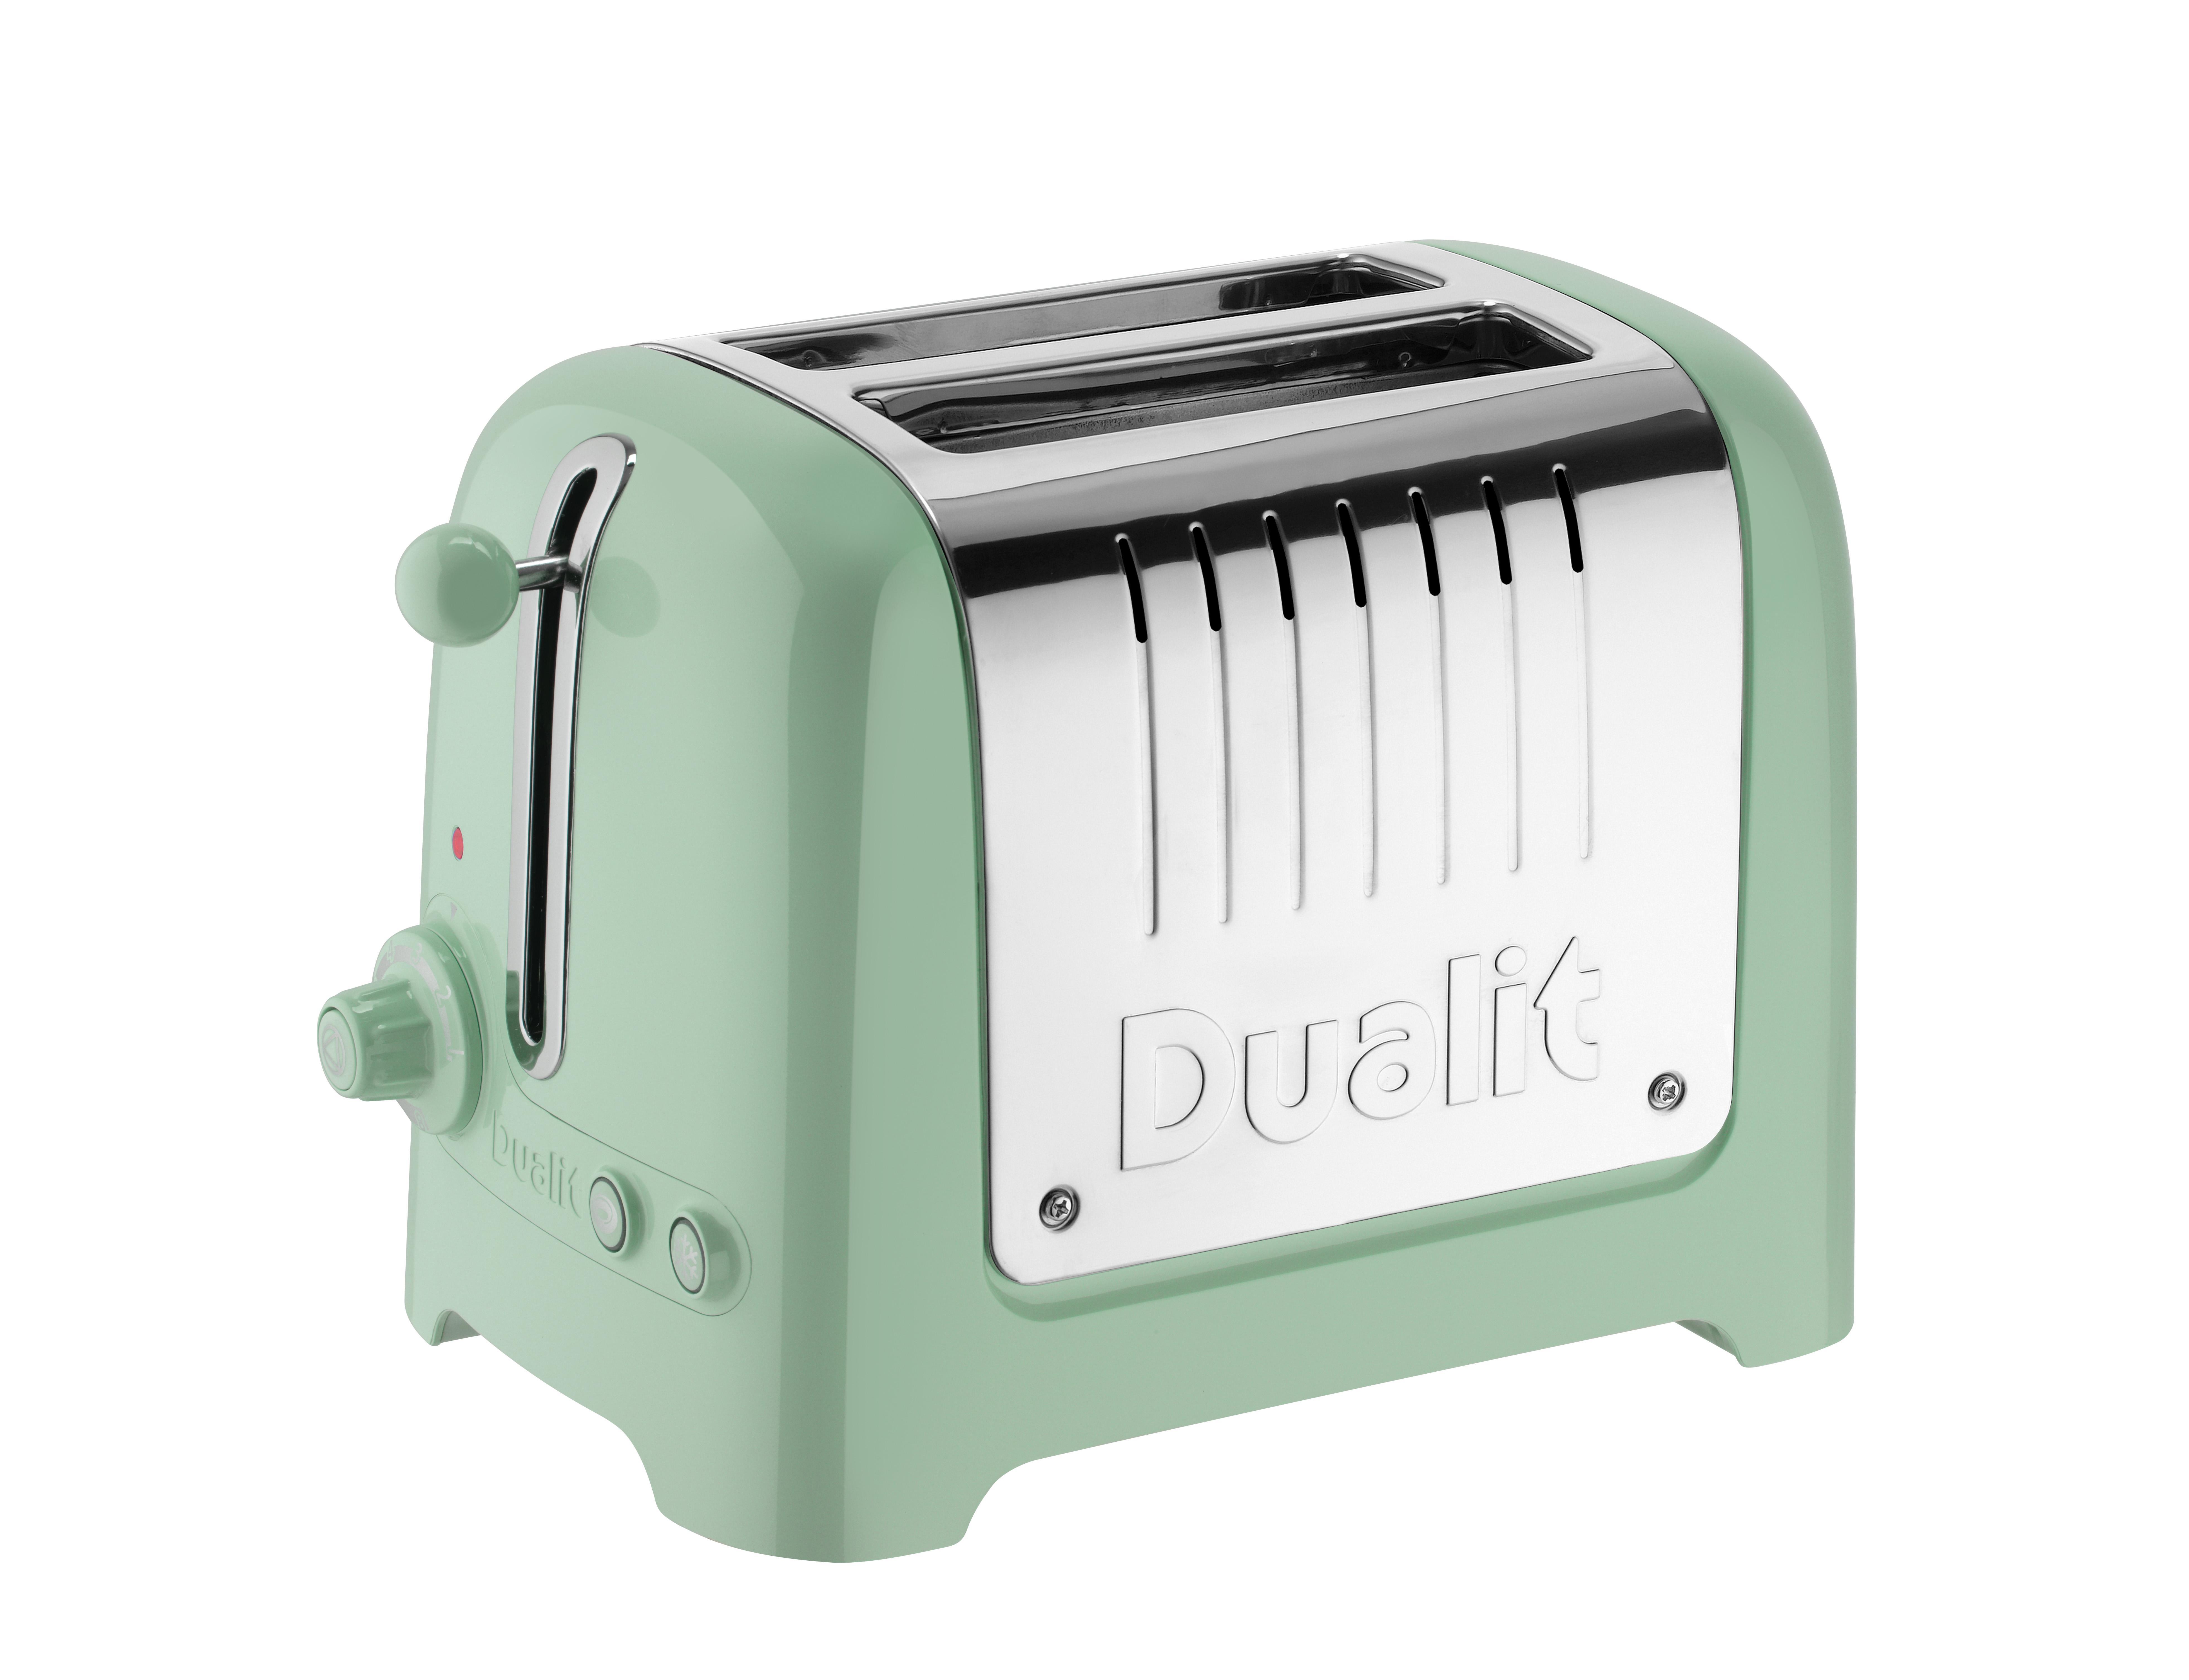 en kb png slika vivax image toaster ts smart